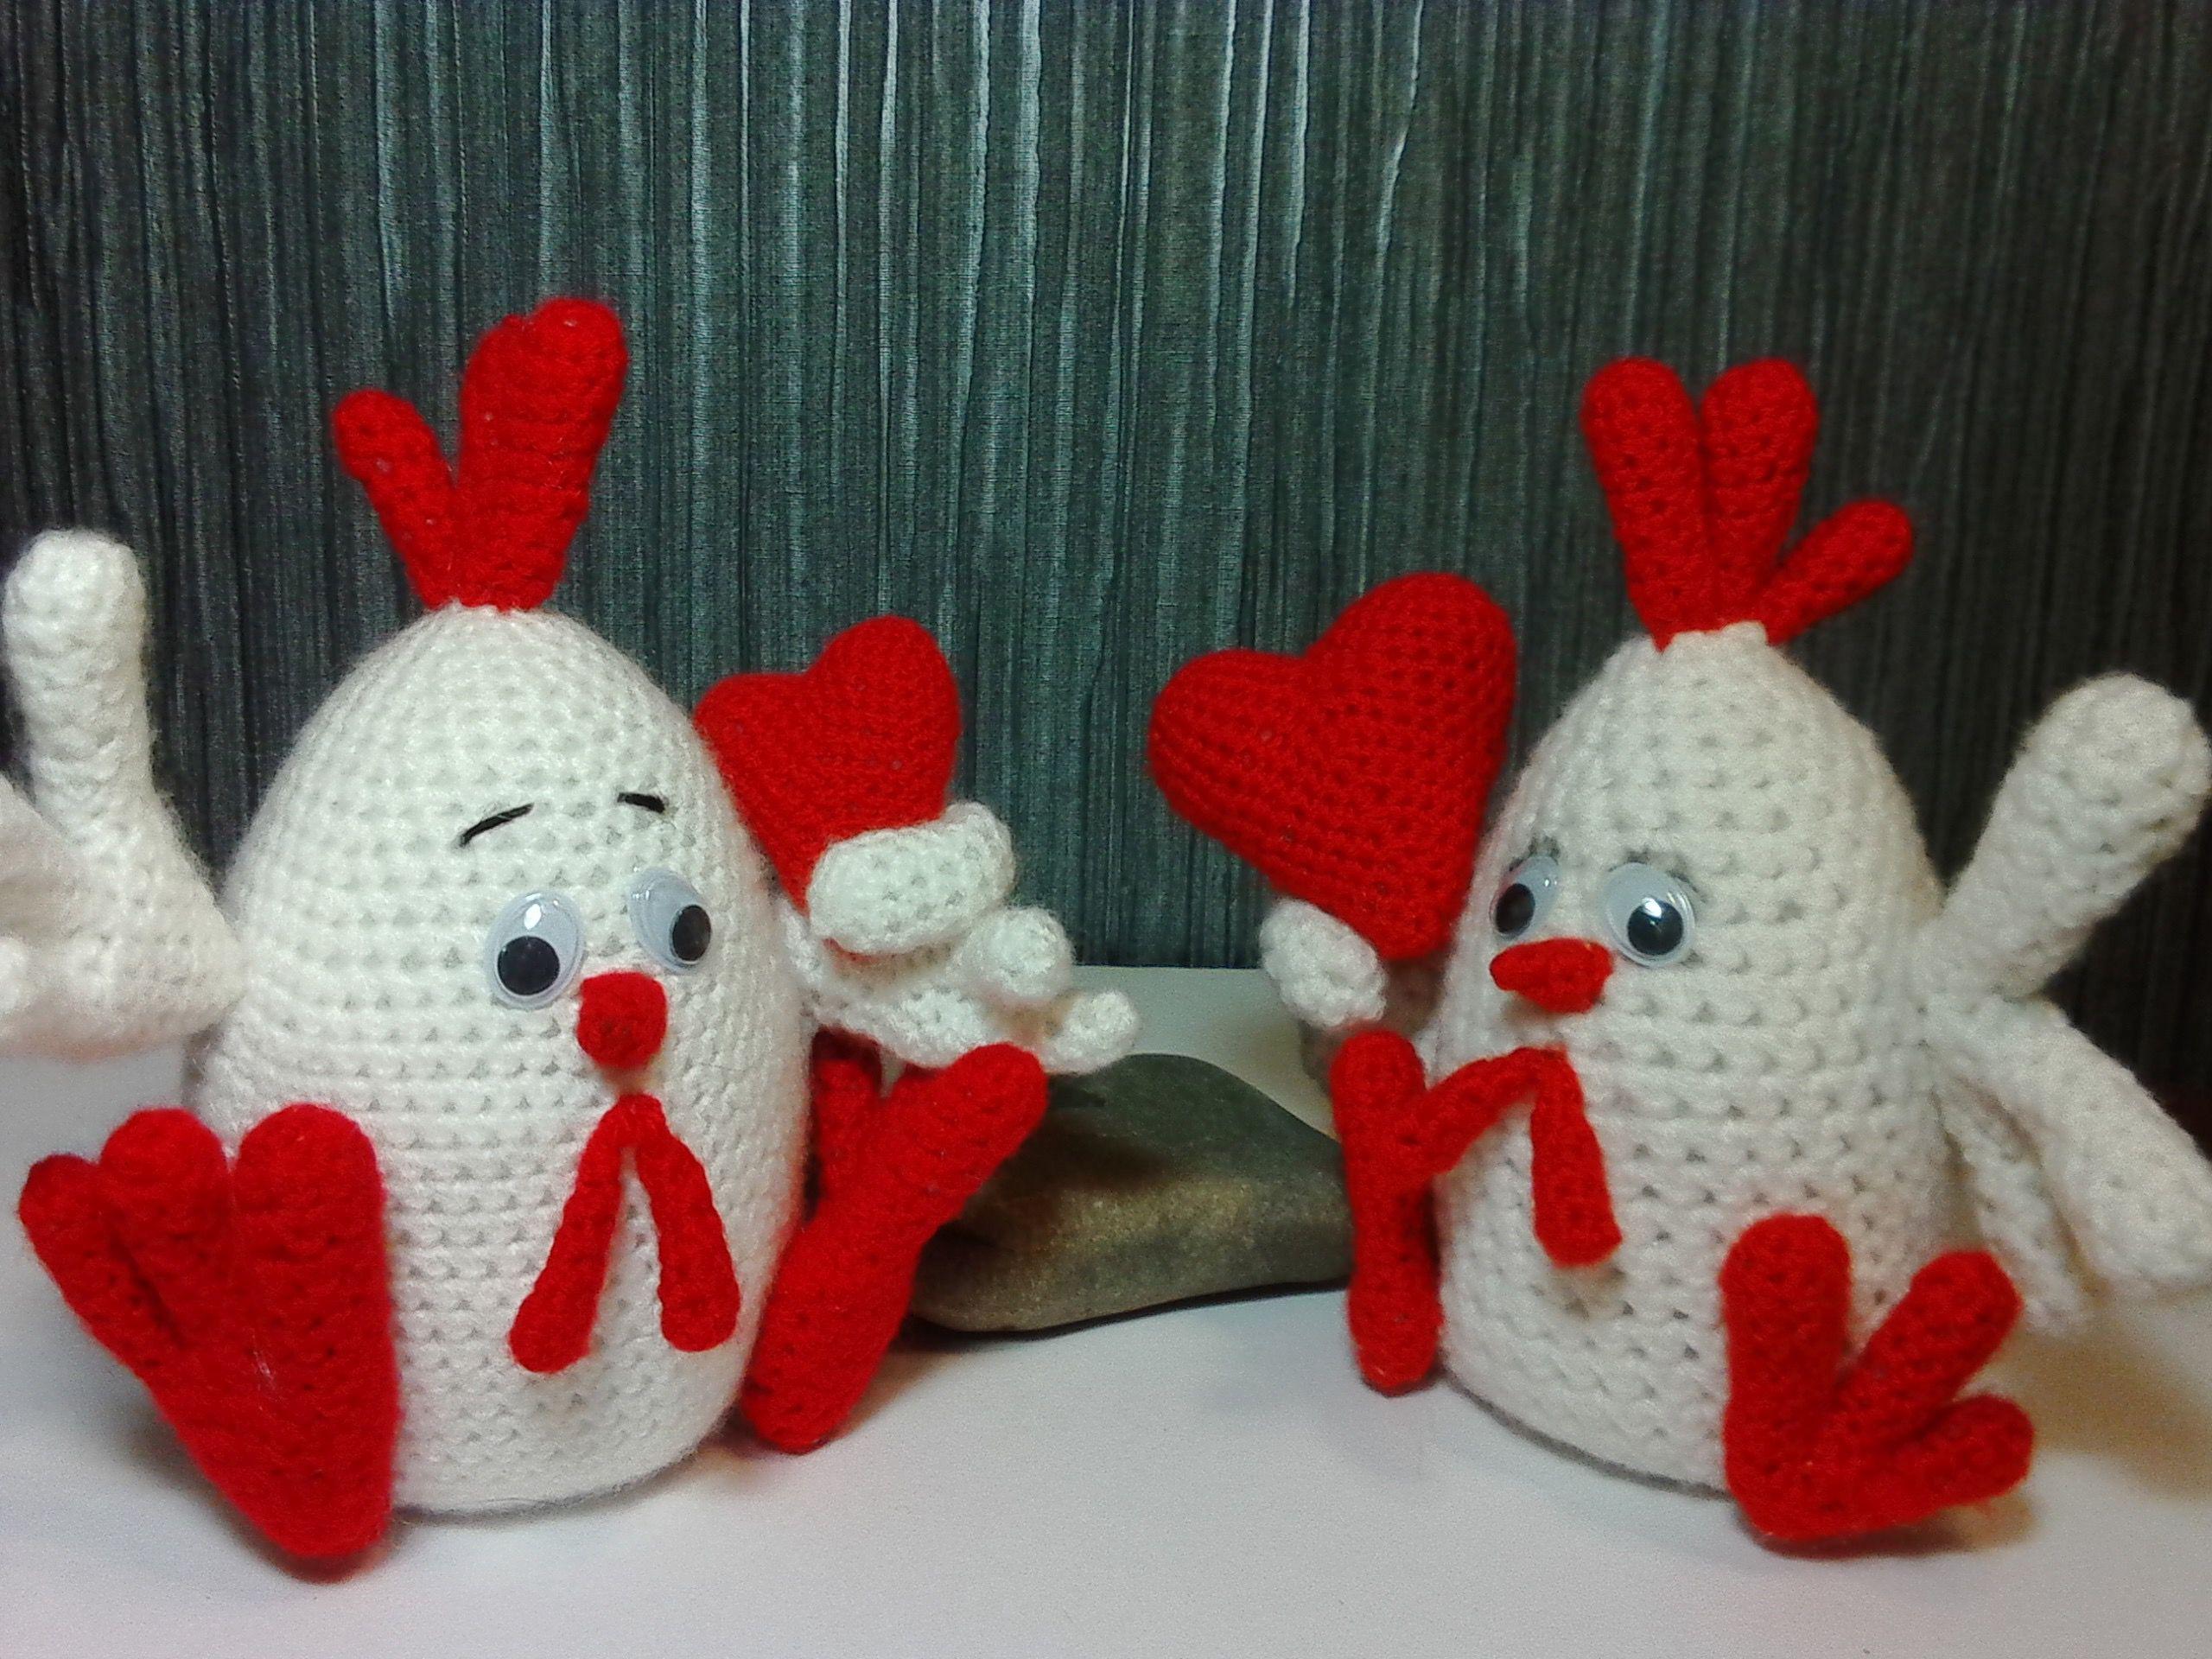 день рождения игрушка кукла валентинка праздник мультики подарок дети